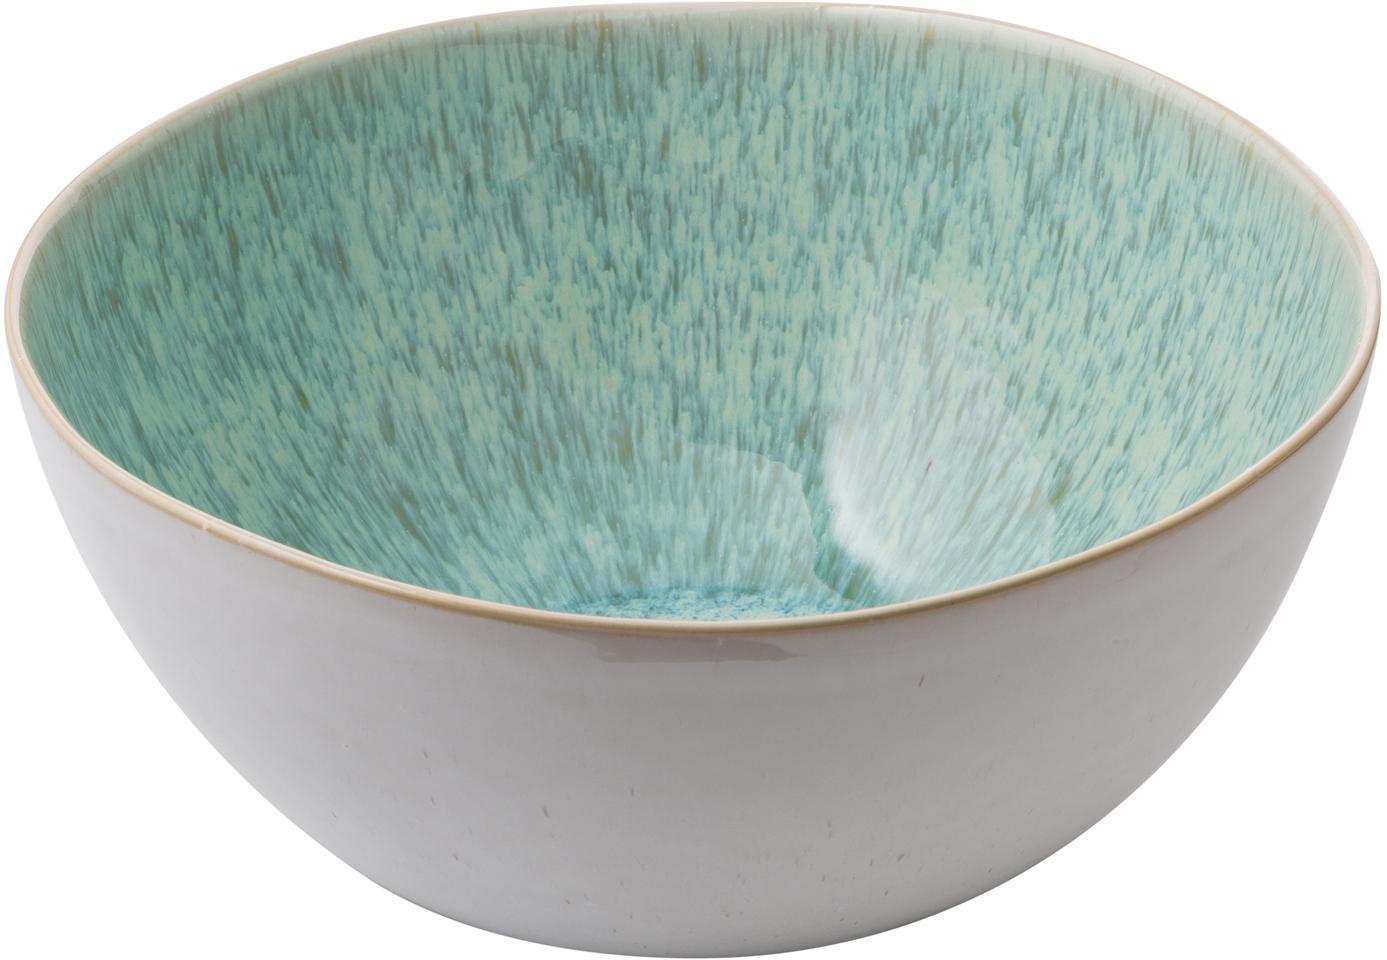 Handbeschilderde saladekom Areia, Keramiek, Mintkleurig, gebroken wit, beige, Ø 26 x H 12 cm